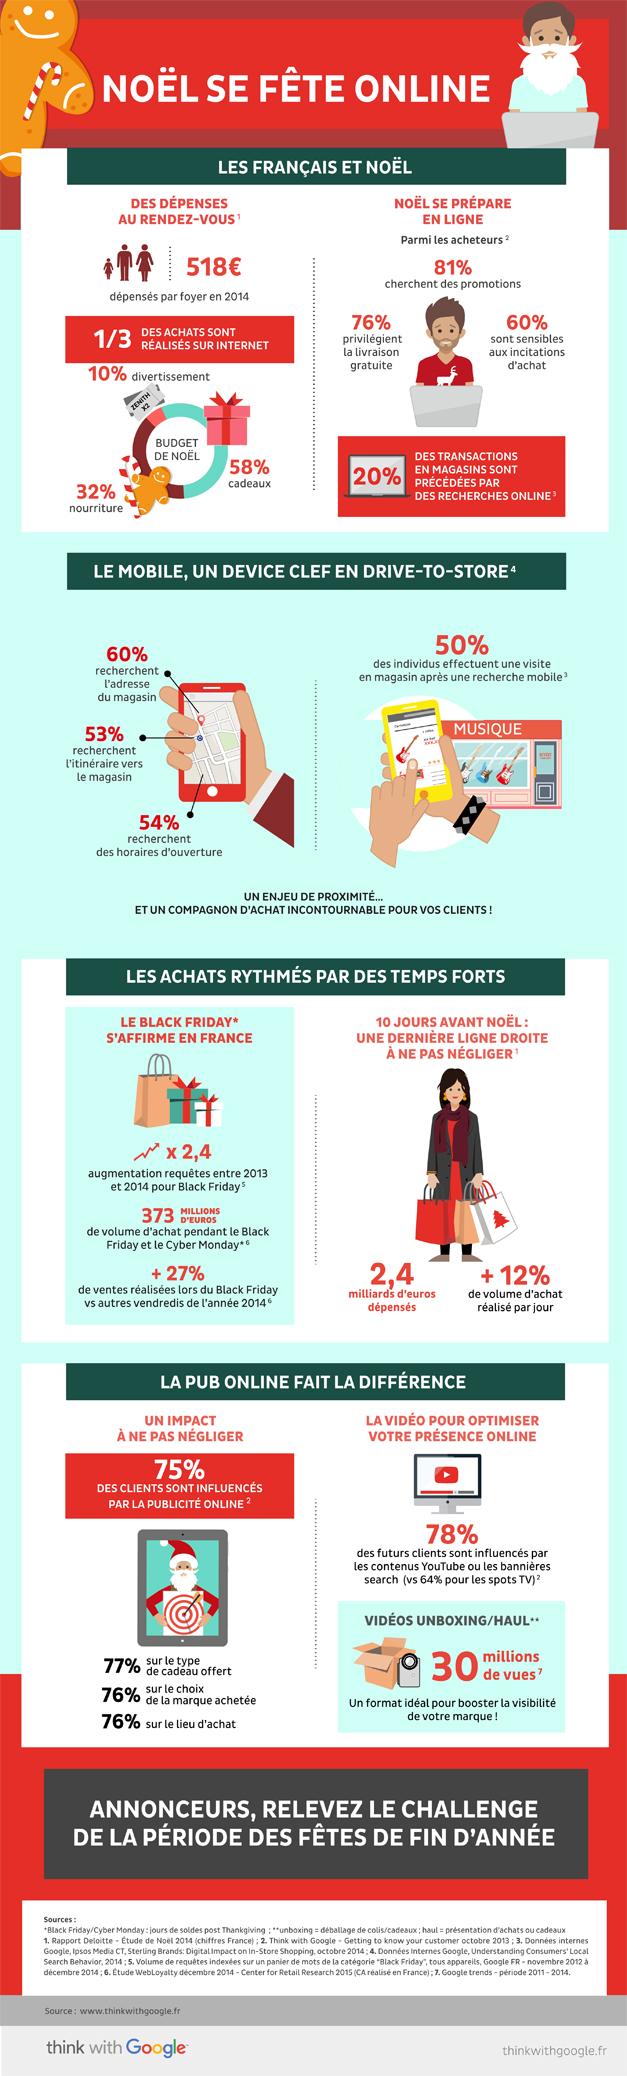 Les achats en ligne de Noel et les français